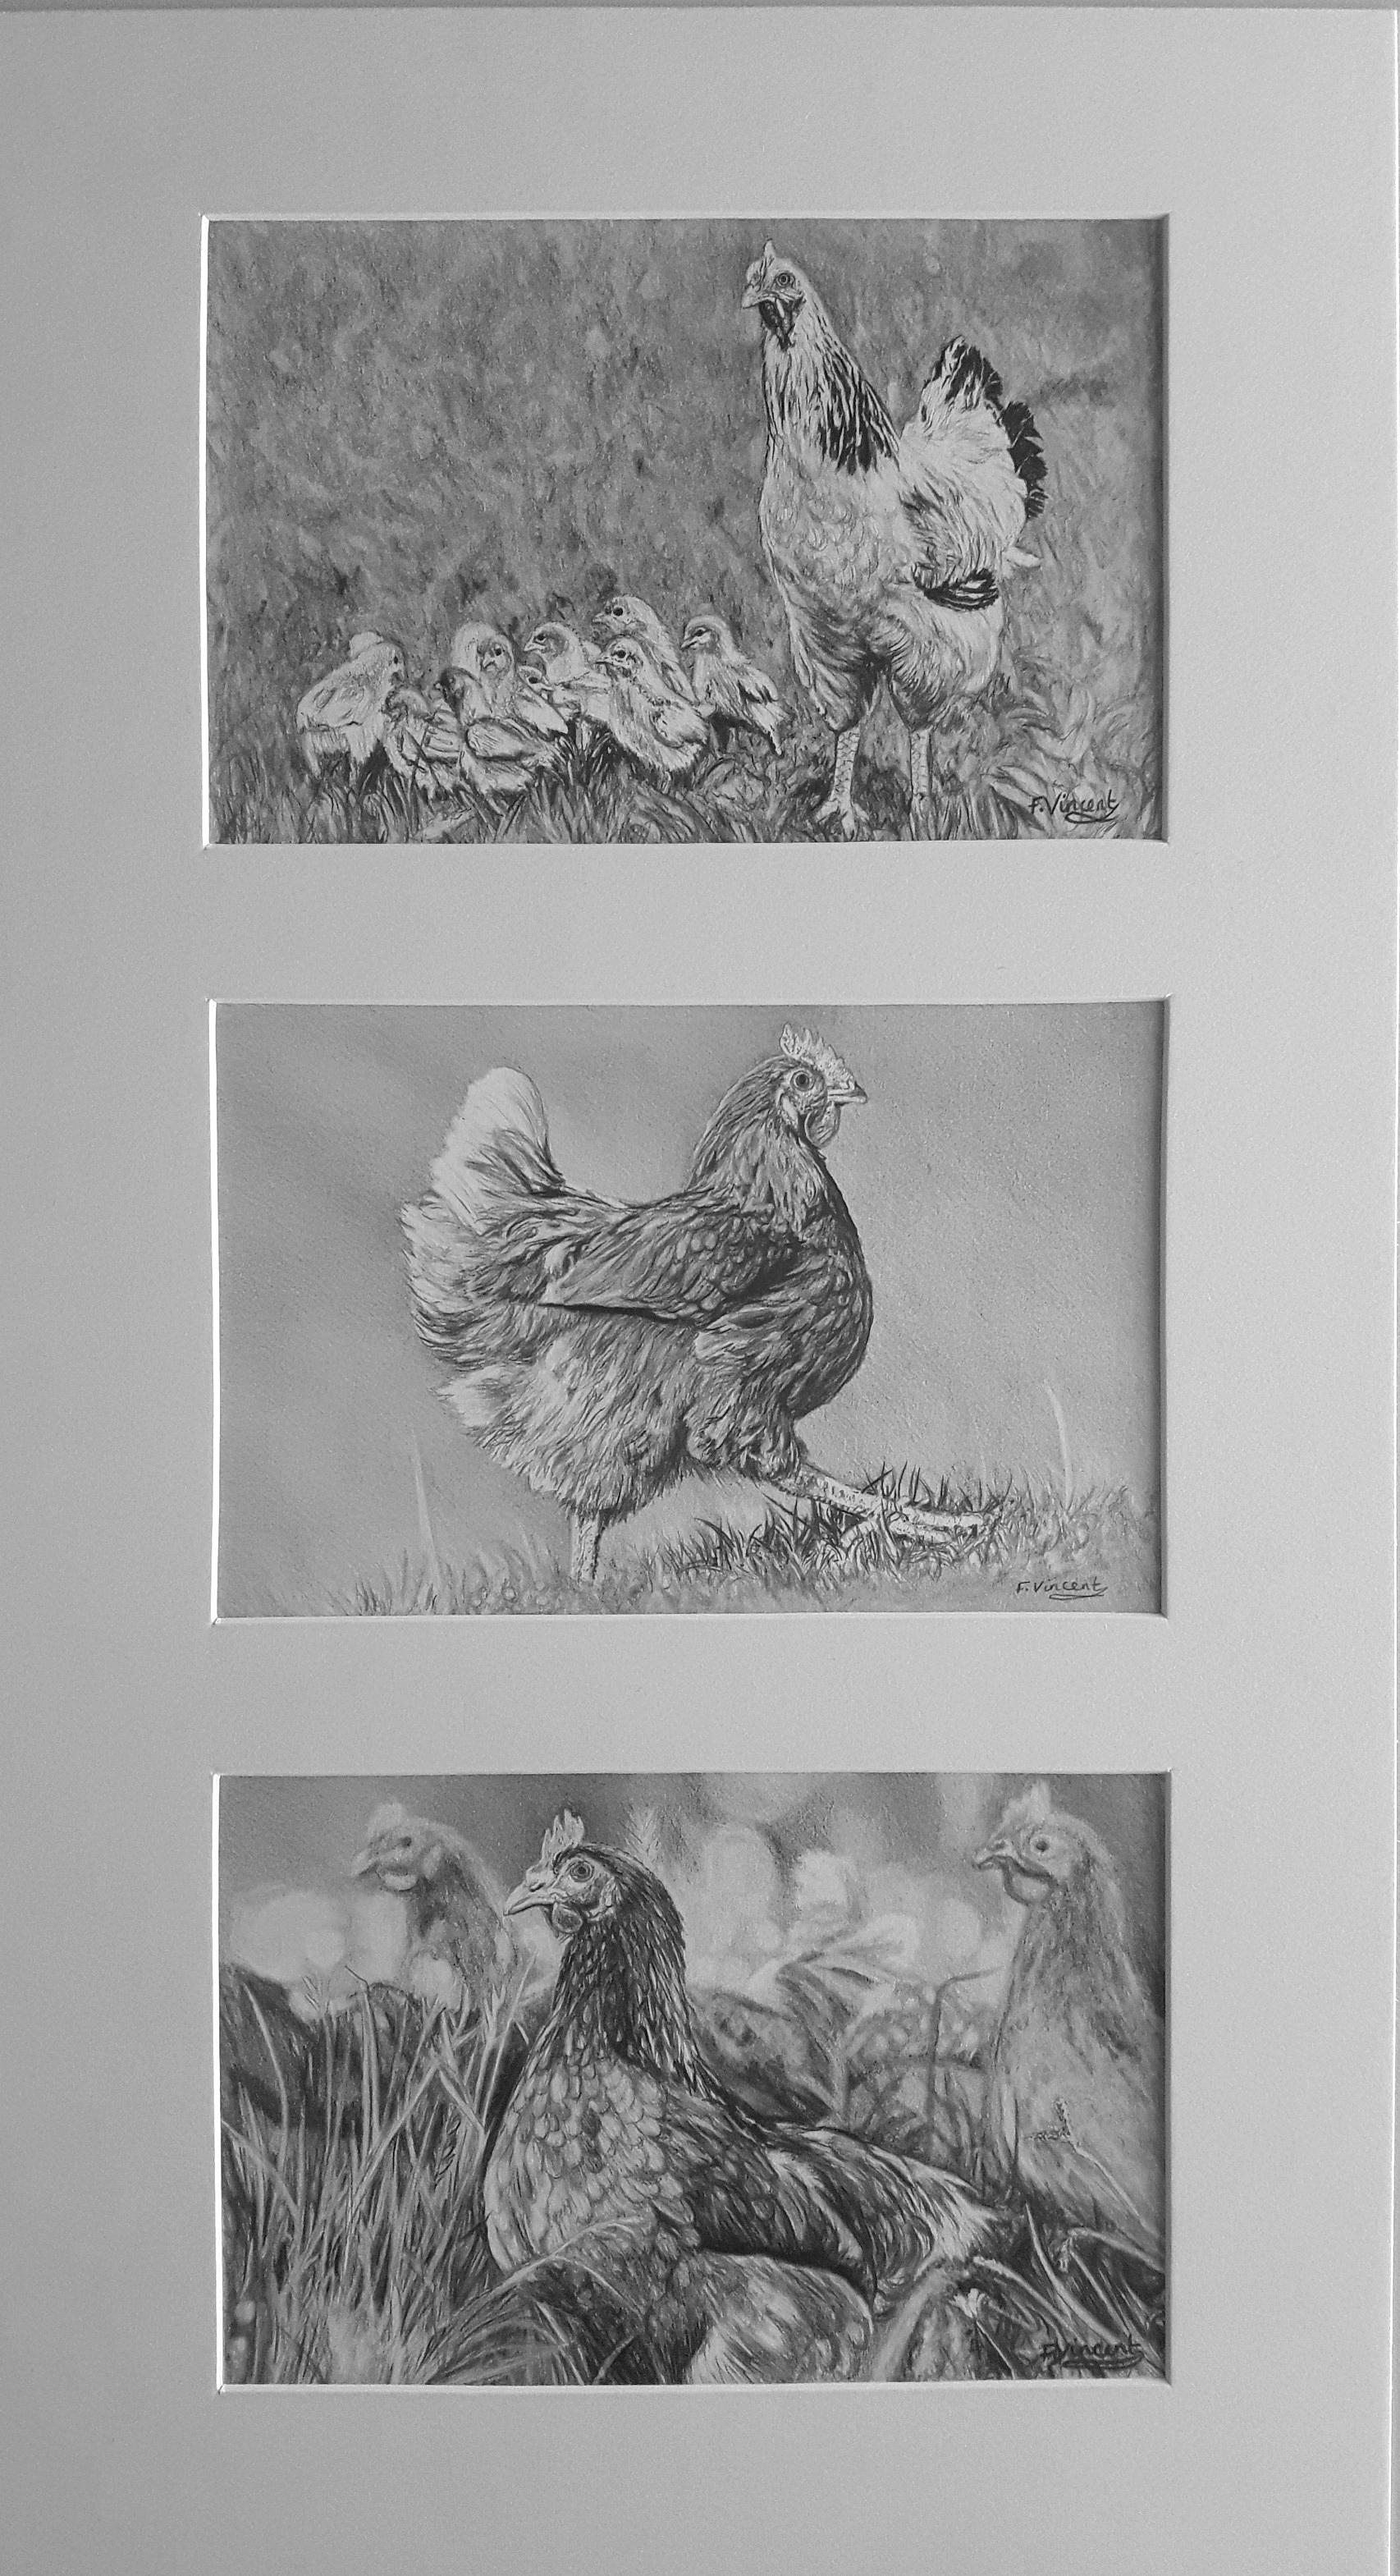 Chick-Chick-Chicken